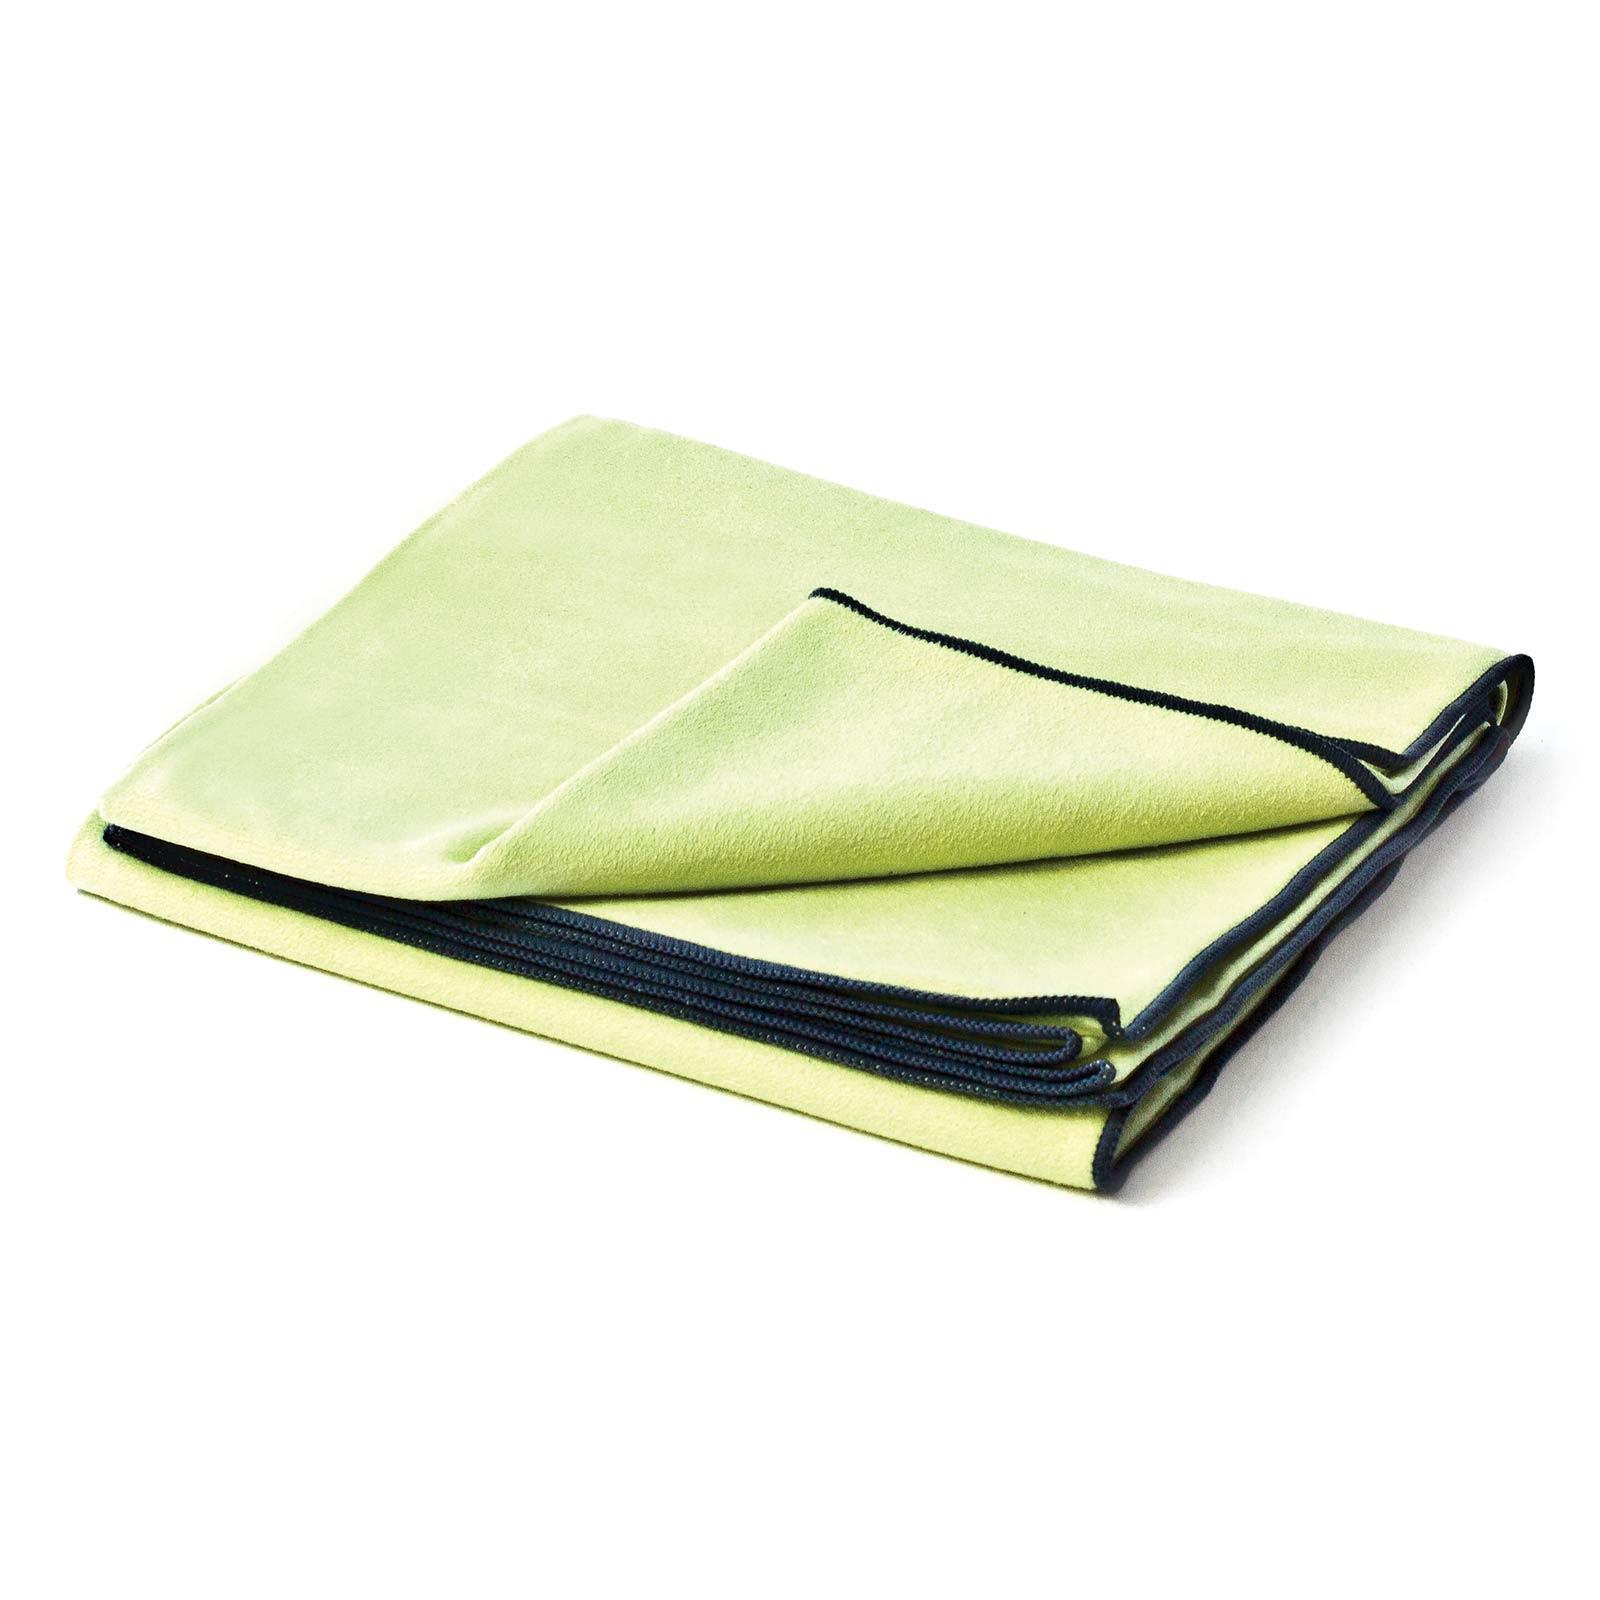 Microfiber Towel Deluxe (Sage)